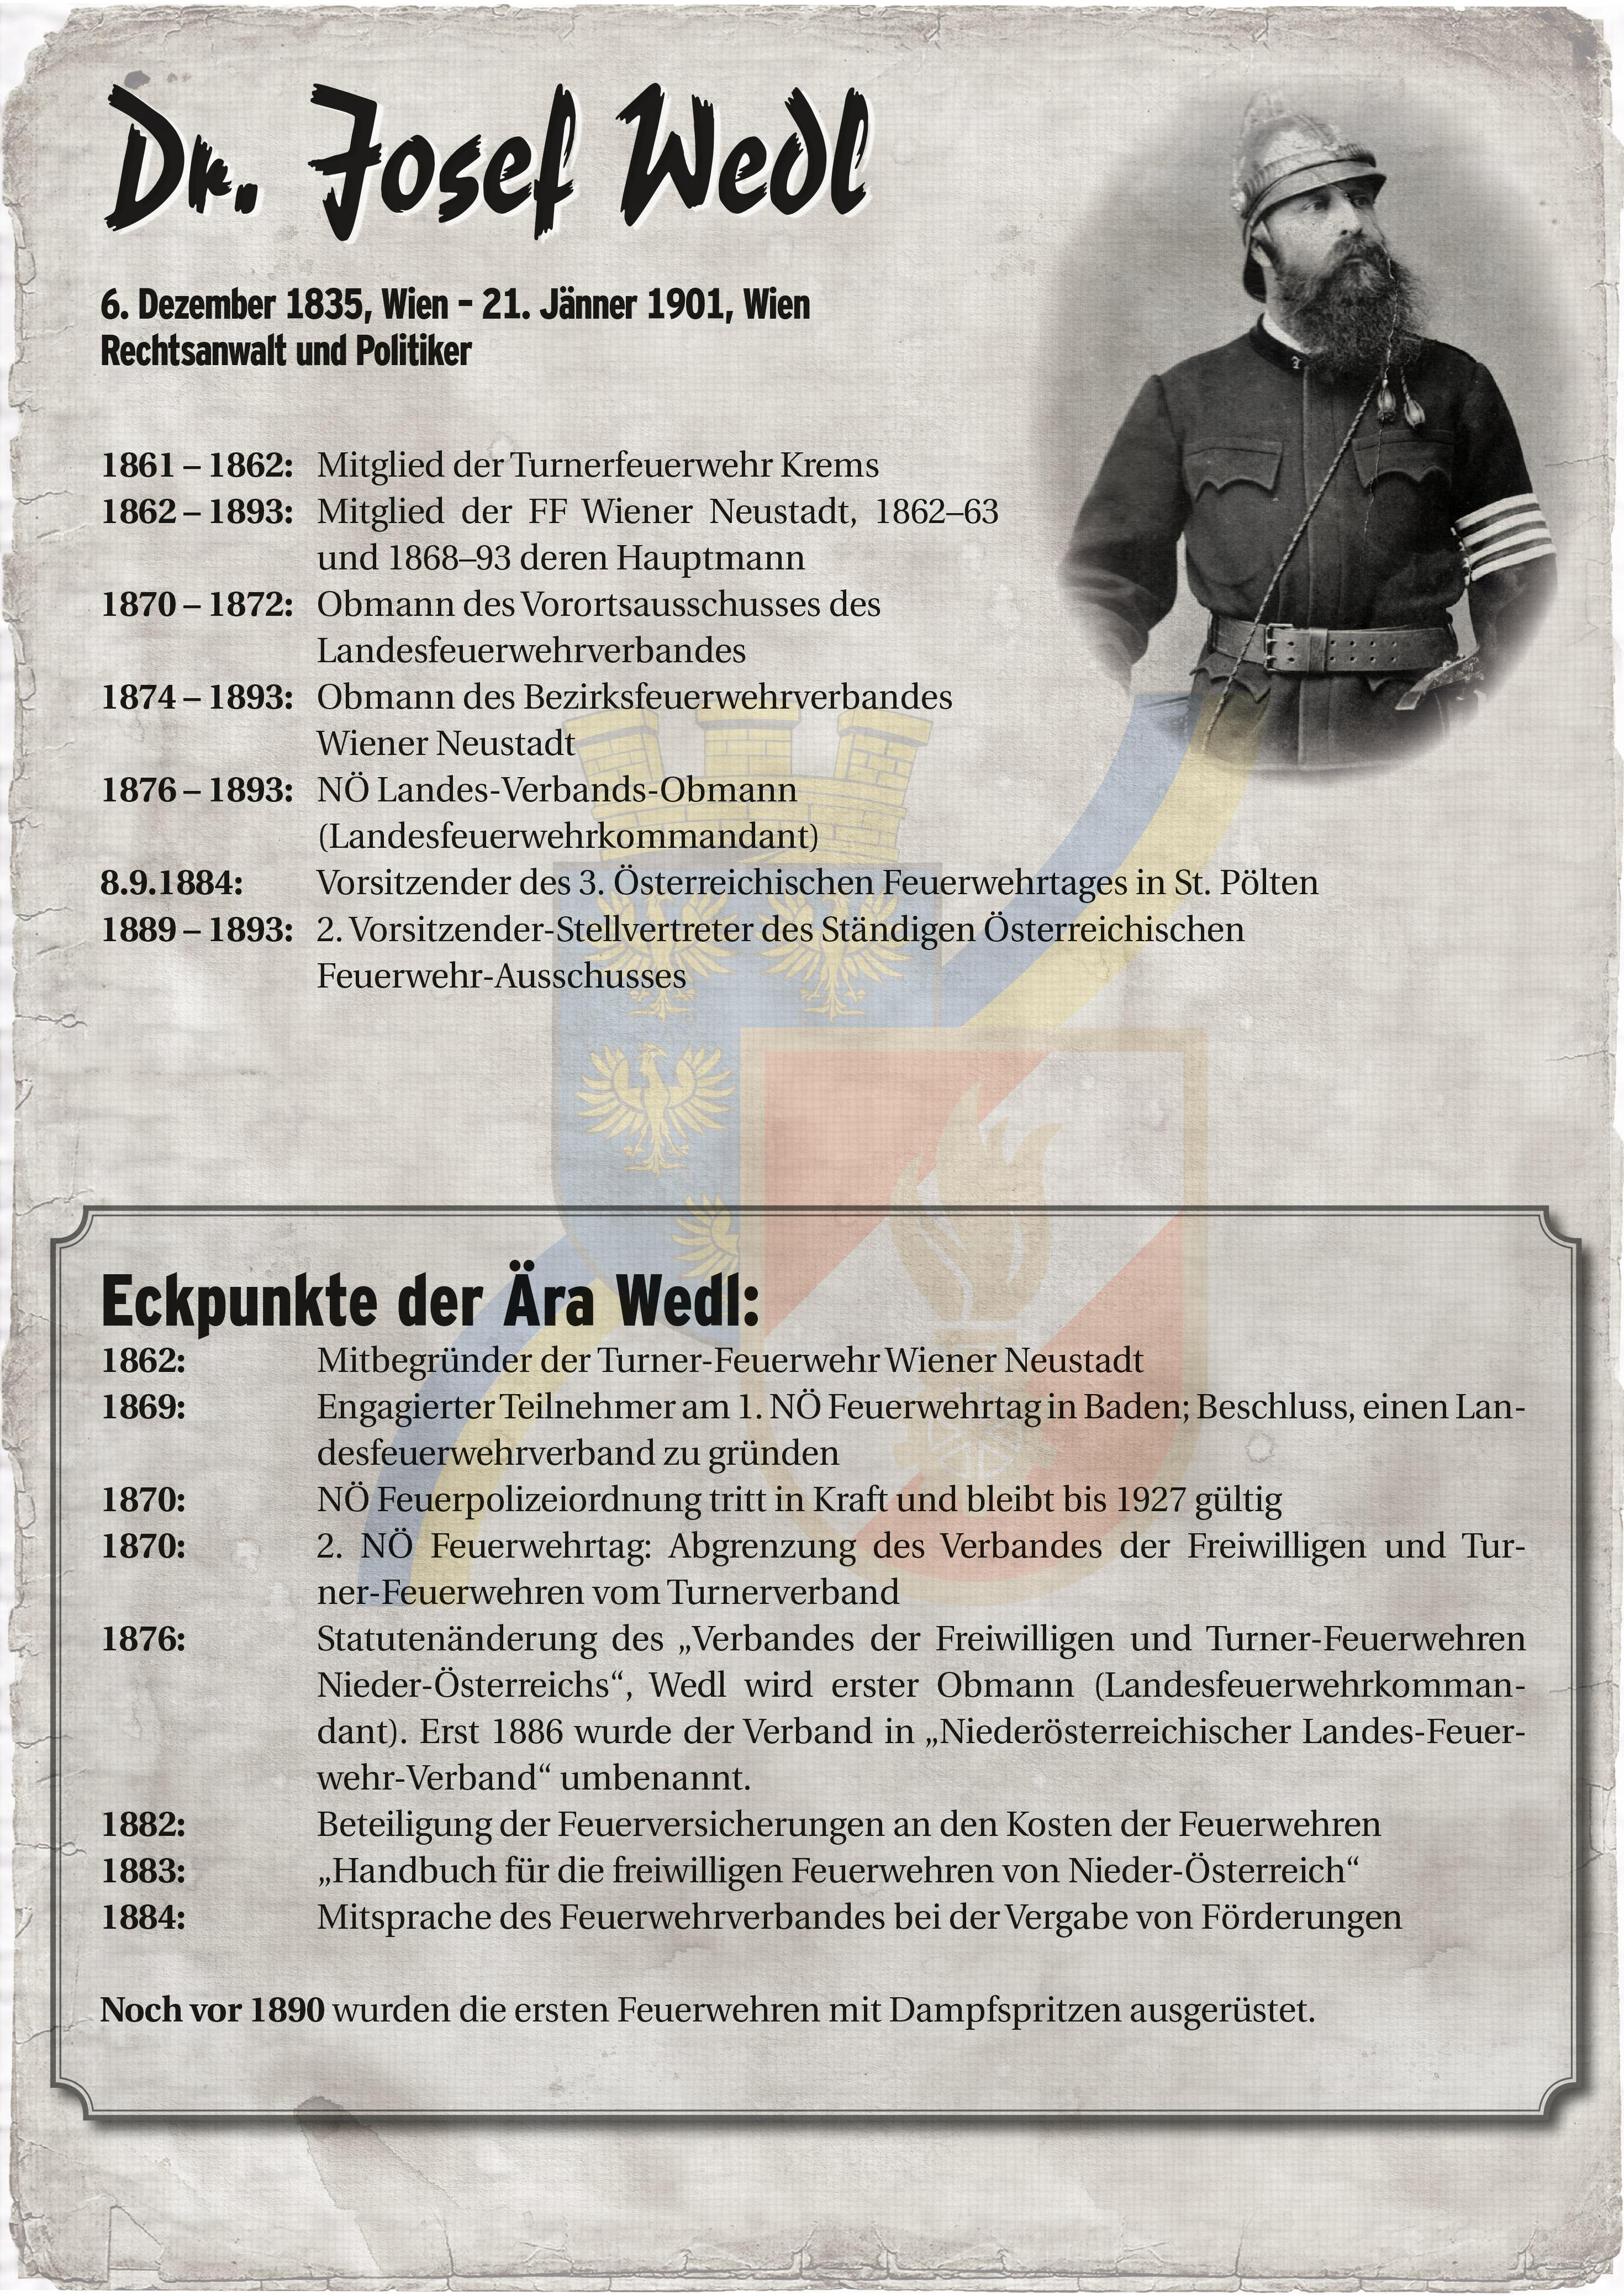 Infoblatt zur Zeit von Josef Wedl